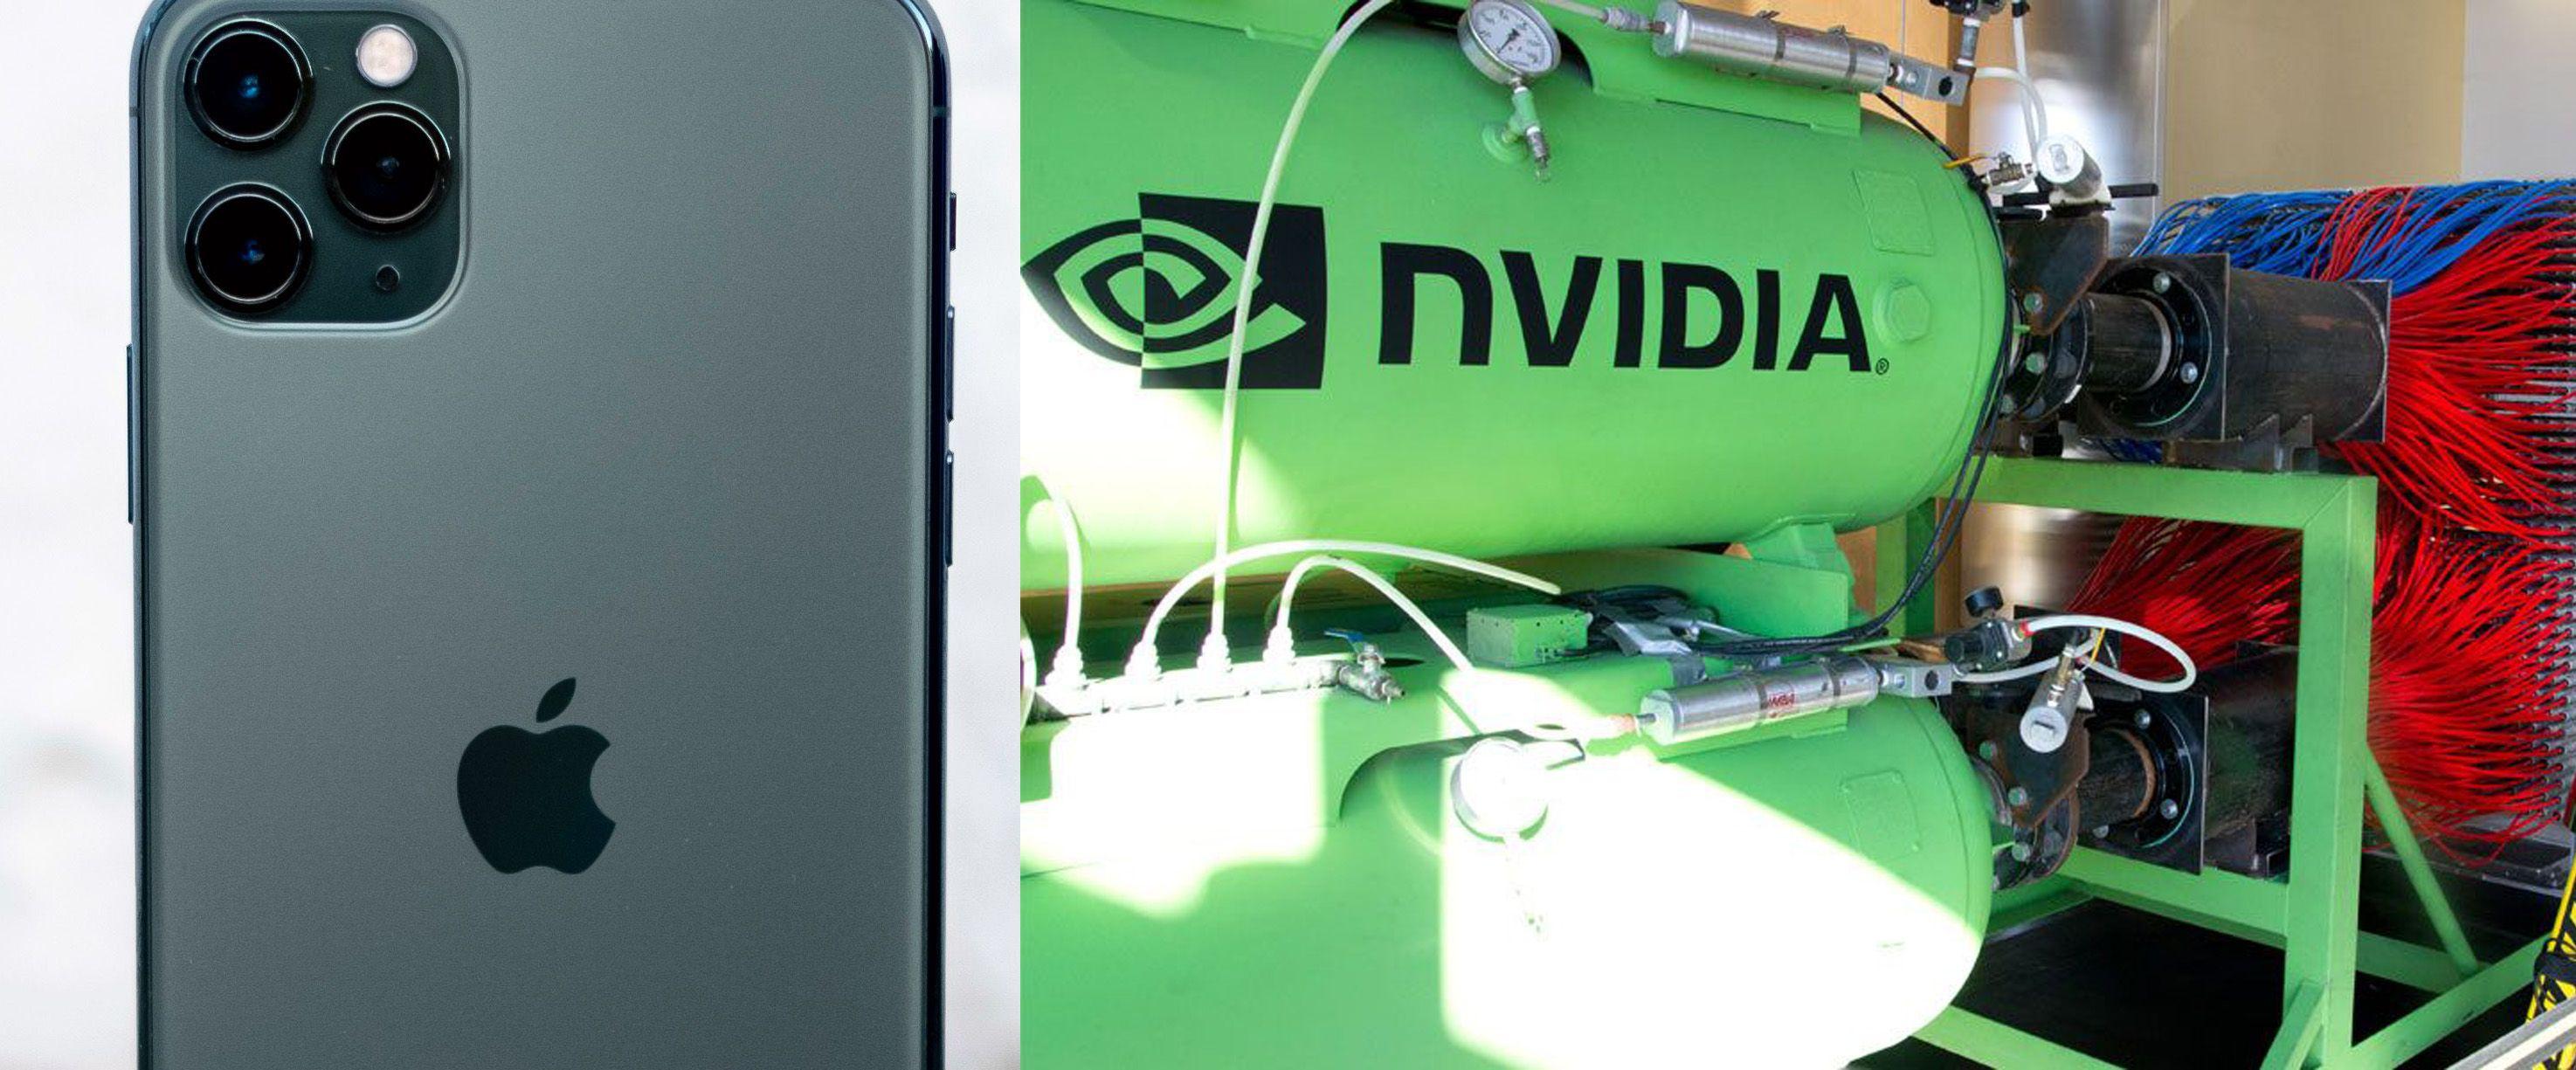 Nesten alle mobiltelefoner i verden er basert på Arms prosessordesign. Nå kjøpes de opp av amerikanske Nvidia.